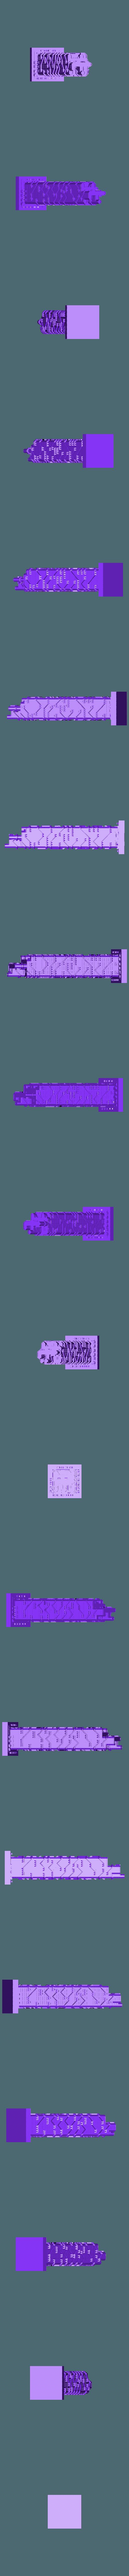 skyscraper3.stl Télécharger fichier STL gratuit Bâtiments de procédure • Design pour impression 3D, ferjerez3d